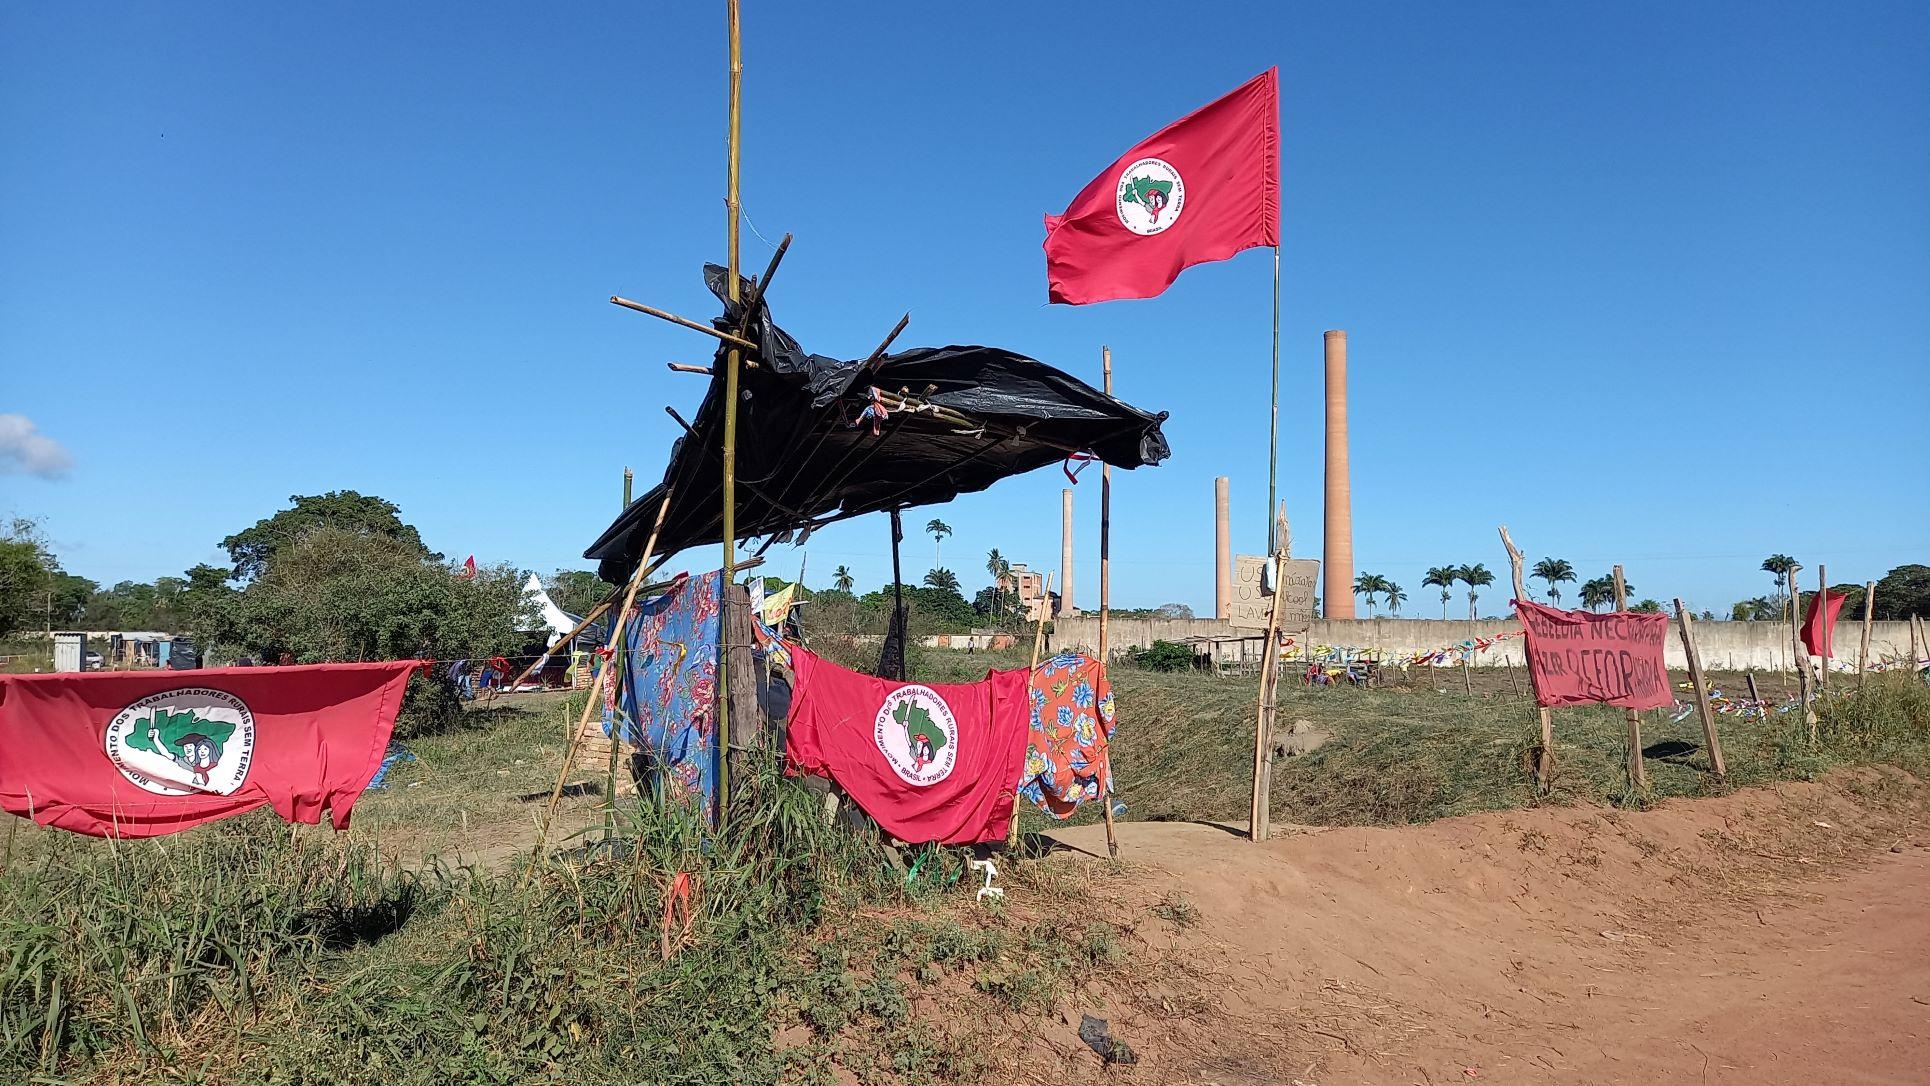 Bandeiras do MST na entrada do acampamento em Campos: luta por ocupação e destinação das fazendas para a reforma agrária (Foto: Vivi Fernandes de Lima)